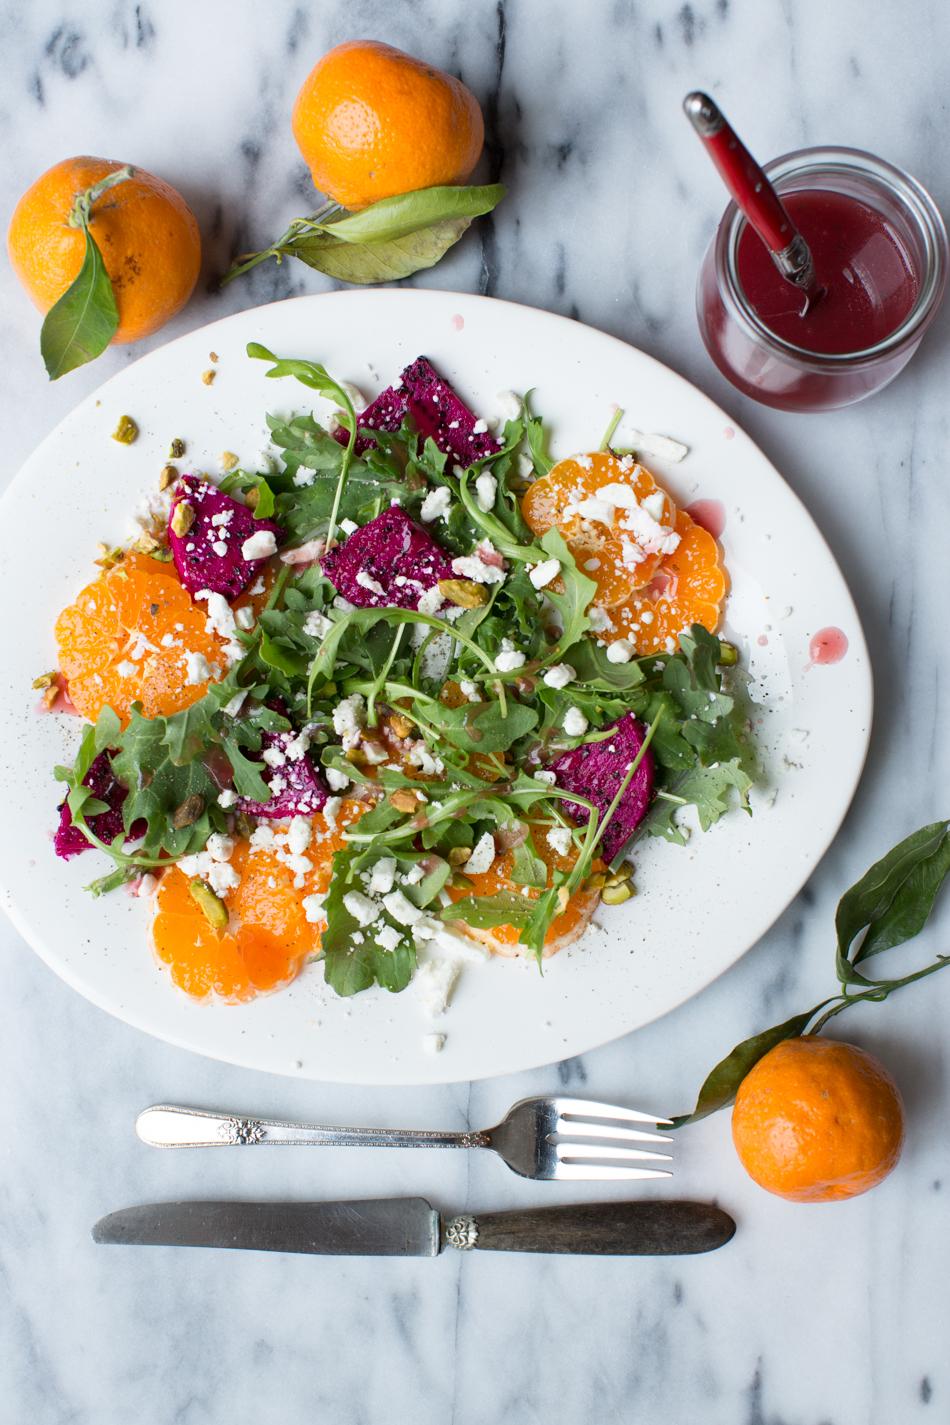 heinens_4pmpanic_orange_dragonfruit_salad-4568